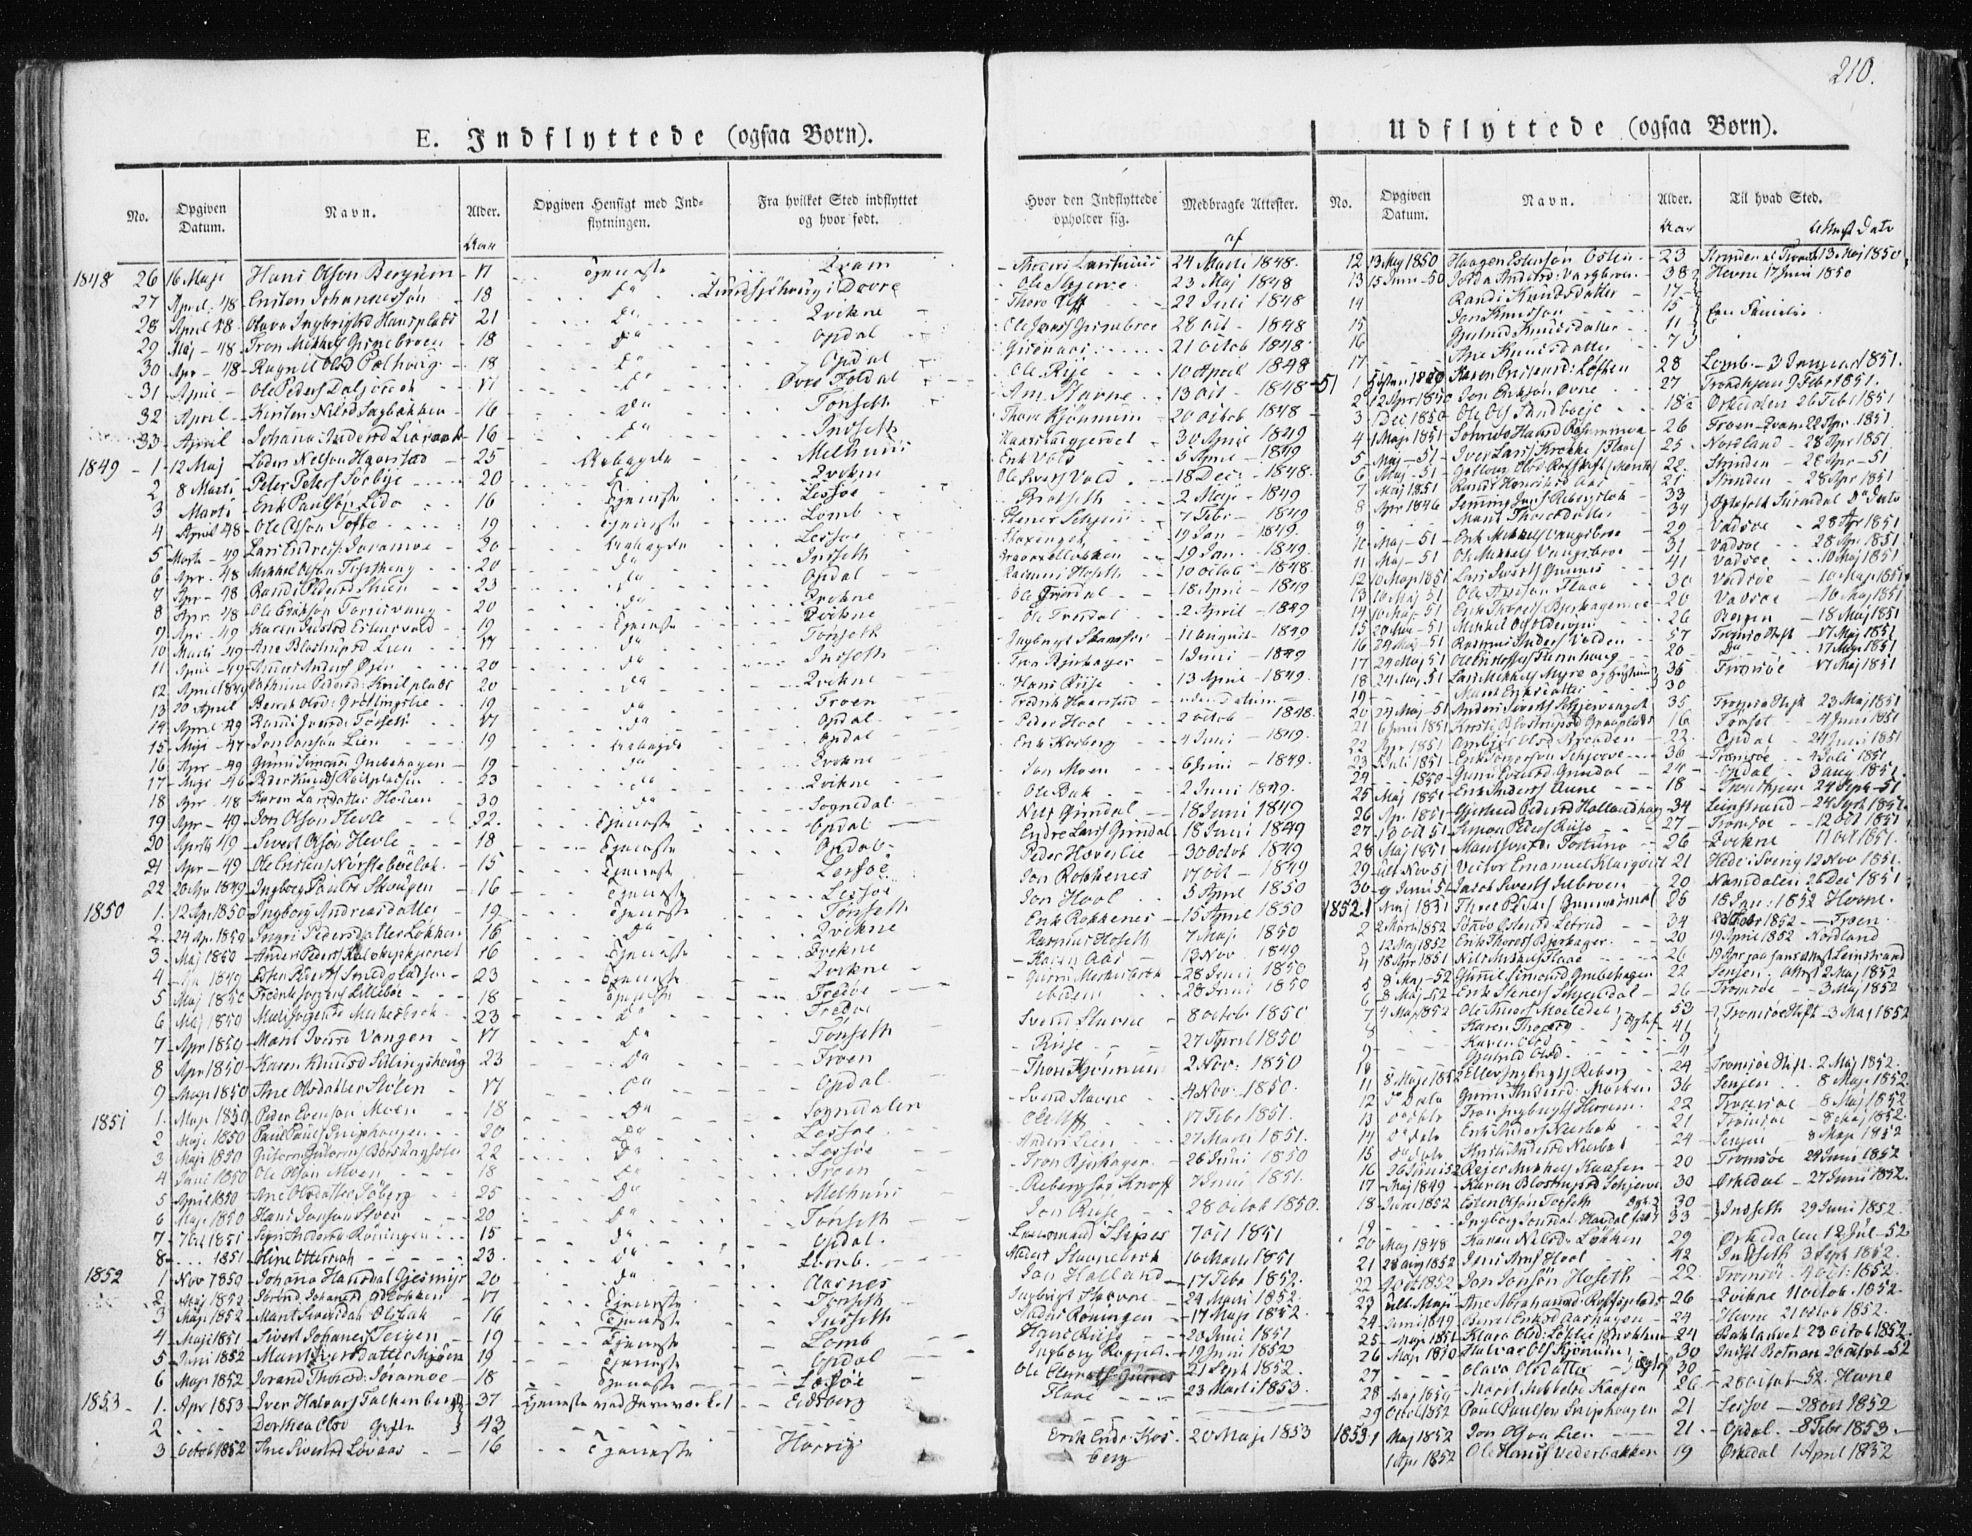 SAT, Ministerialprotokoller, klokkerbøker og fødselsregistre - Sør-Trøndelag, 674/L0869: Ministerialbok nr. 674A01, 1829-1860, s. 210